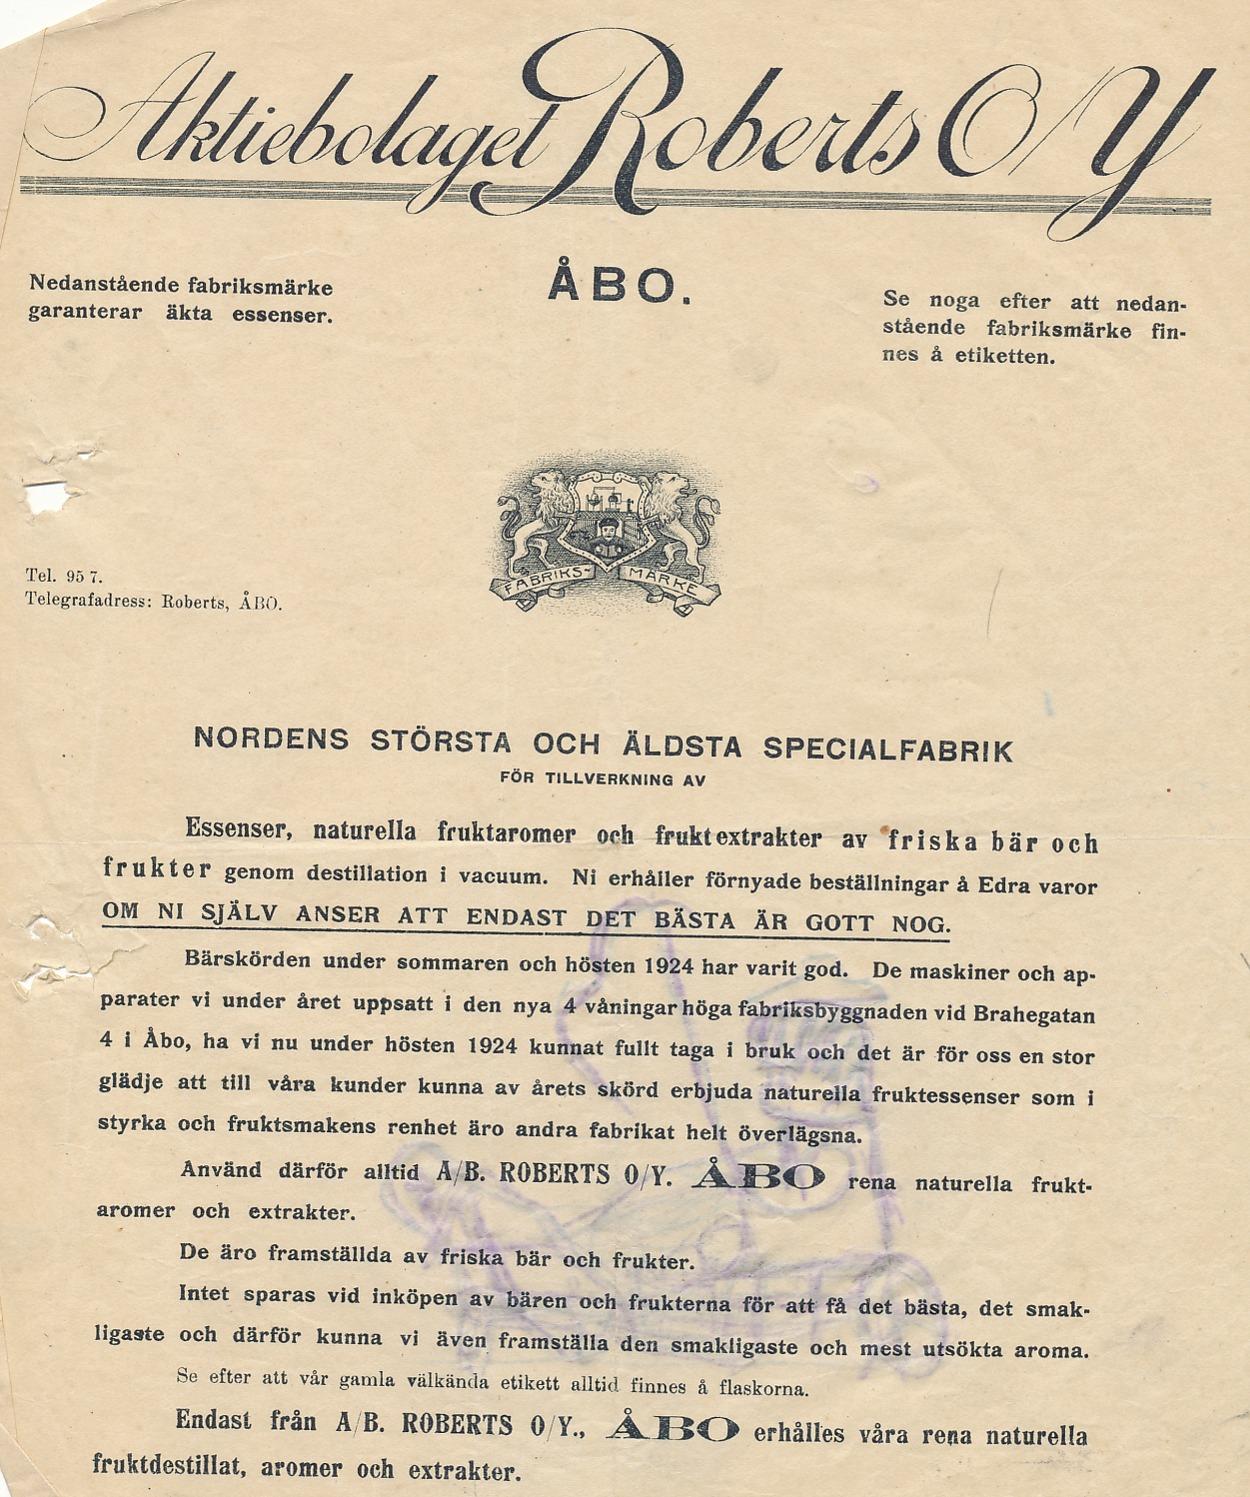 I denna reklam berättar Roberts att de har byggt en ny 4-våningsfabrik i Åbo och eftersom bärskörden år 1924 varit god, så kan de erbjuda de bästa produkterna.